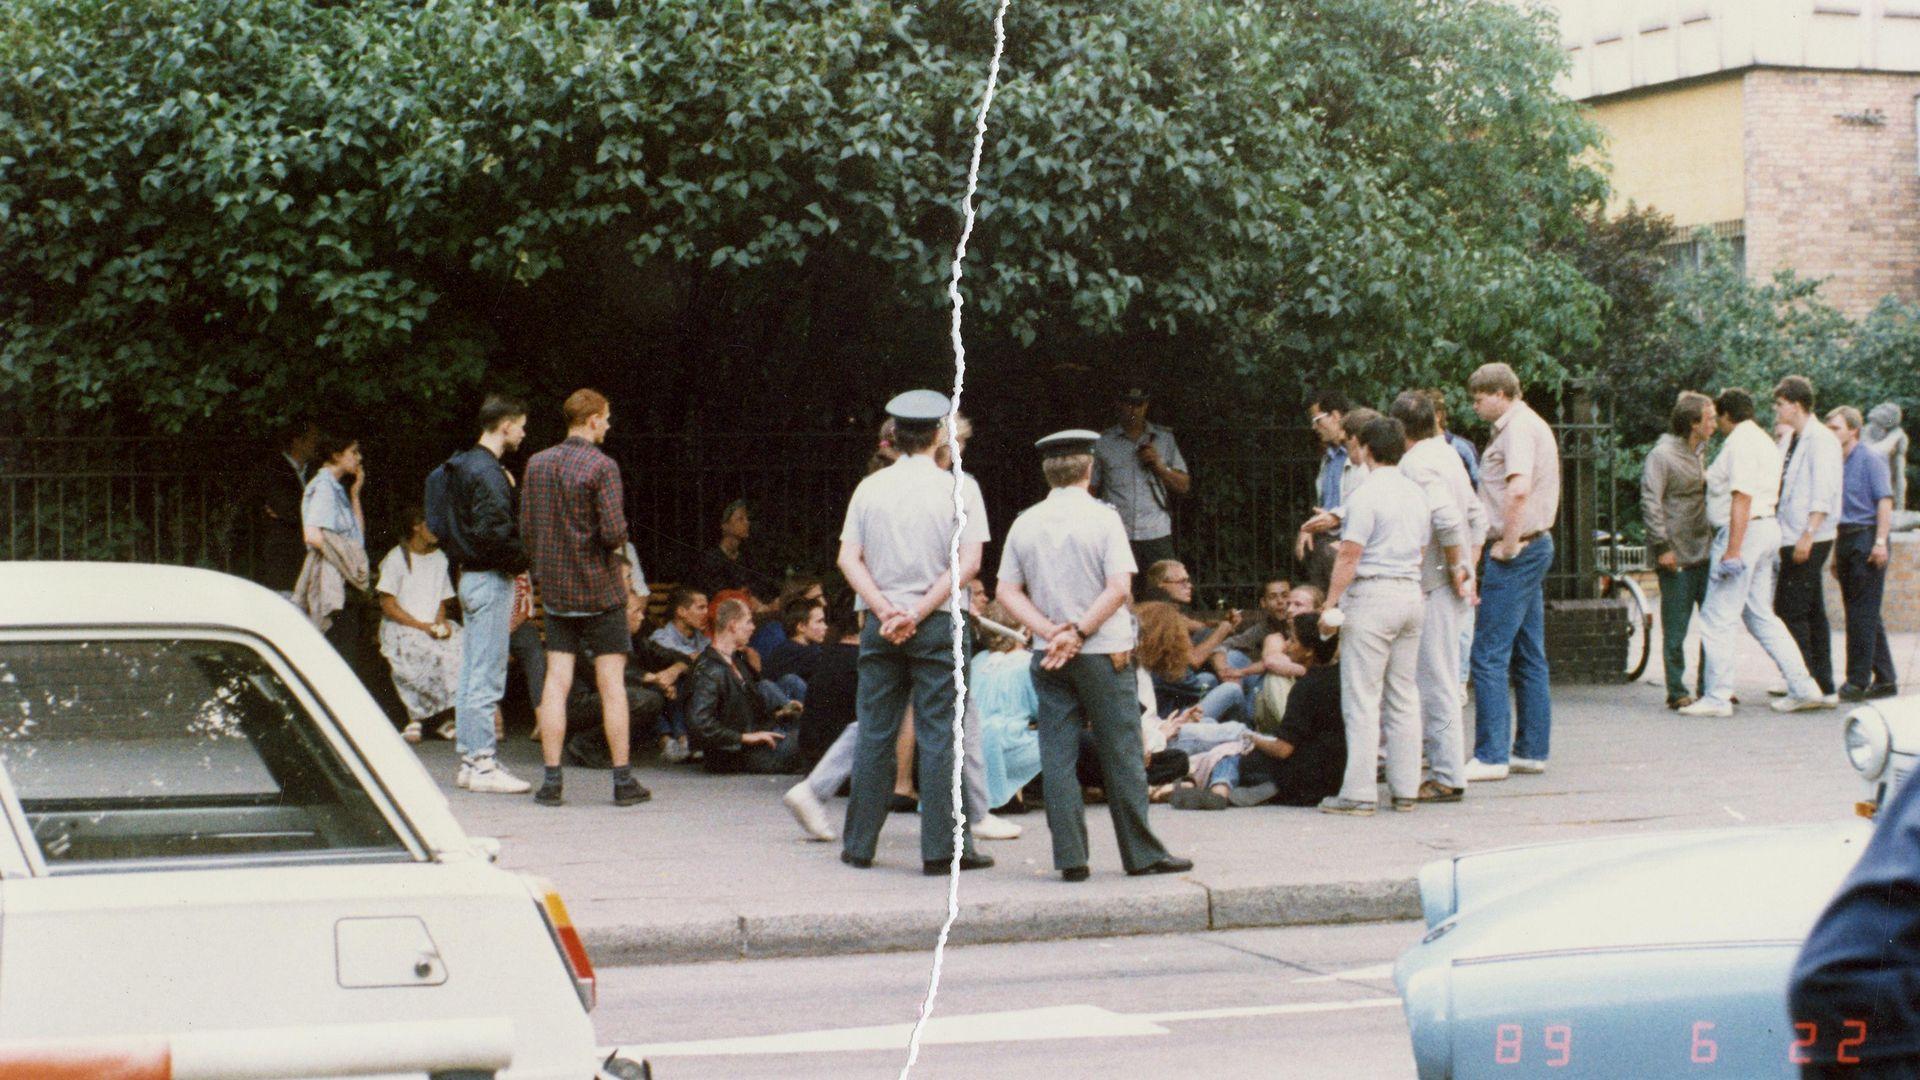 Eine Personengruppe sitzt auf einem Bürgersteig direkt vor einem Zaun. Sie werden umringt von Volkspolizisten sowie einigen steif wirkenden Herren in ordentlichem Zivil. Das farbige Lichtbild wurde manuell rekonstruiert, in der Mitte ist der vertikale Riss sichtbar.